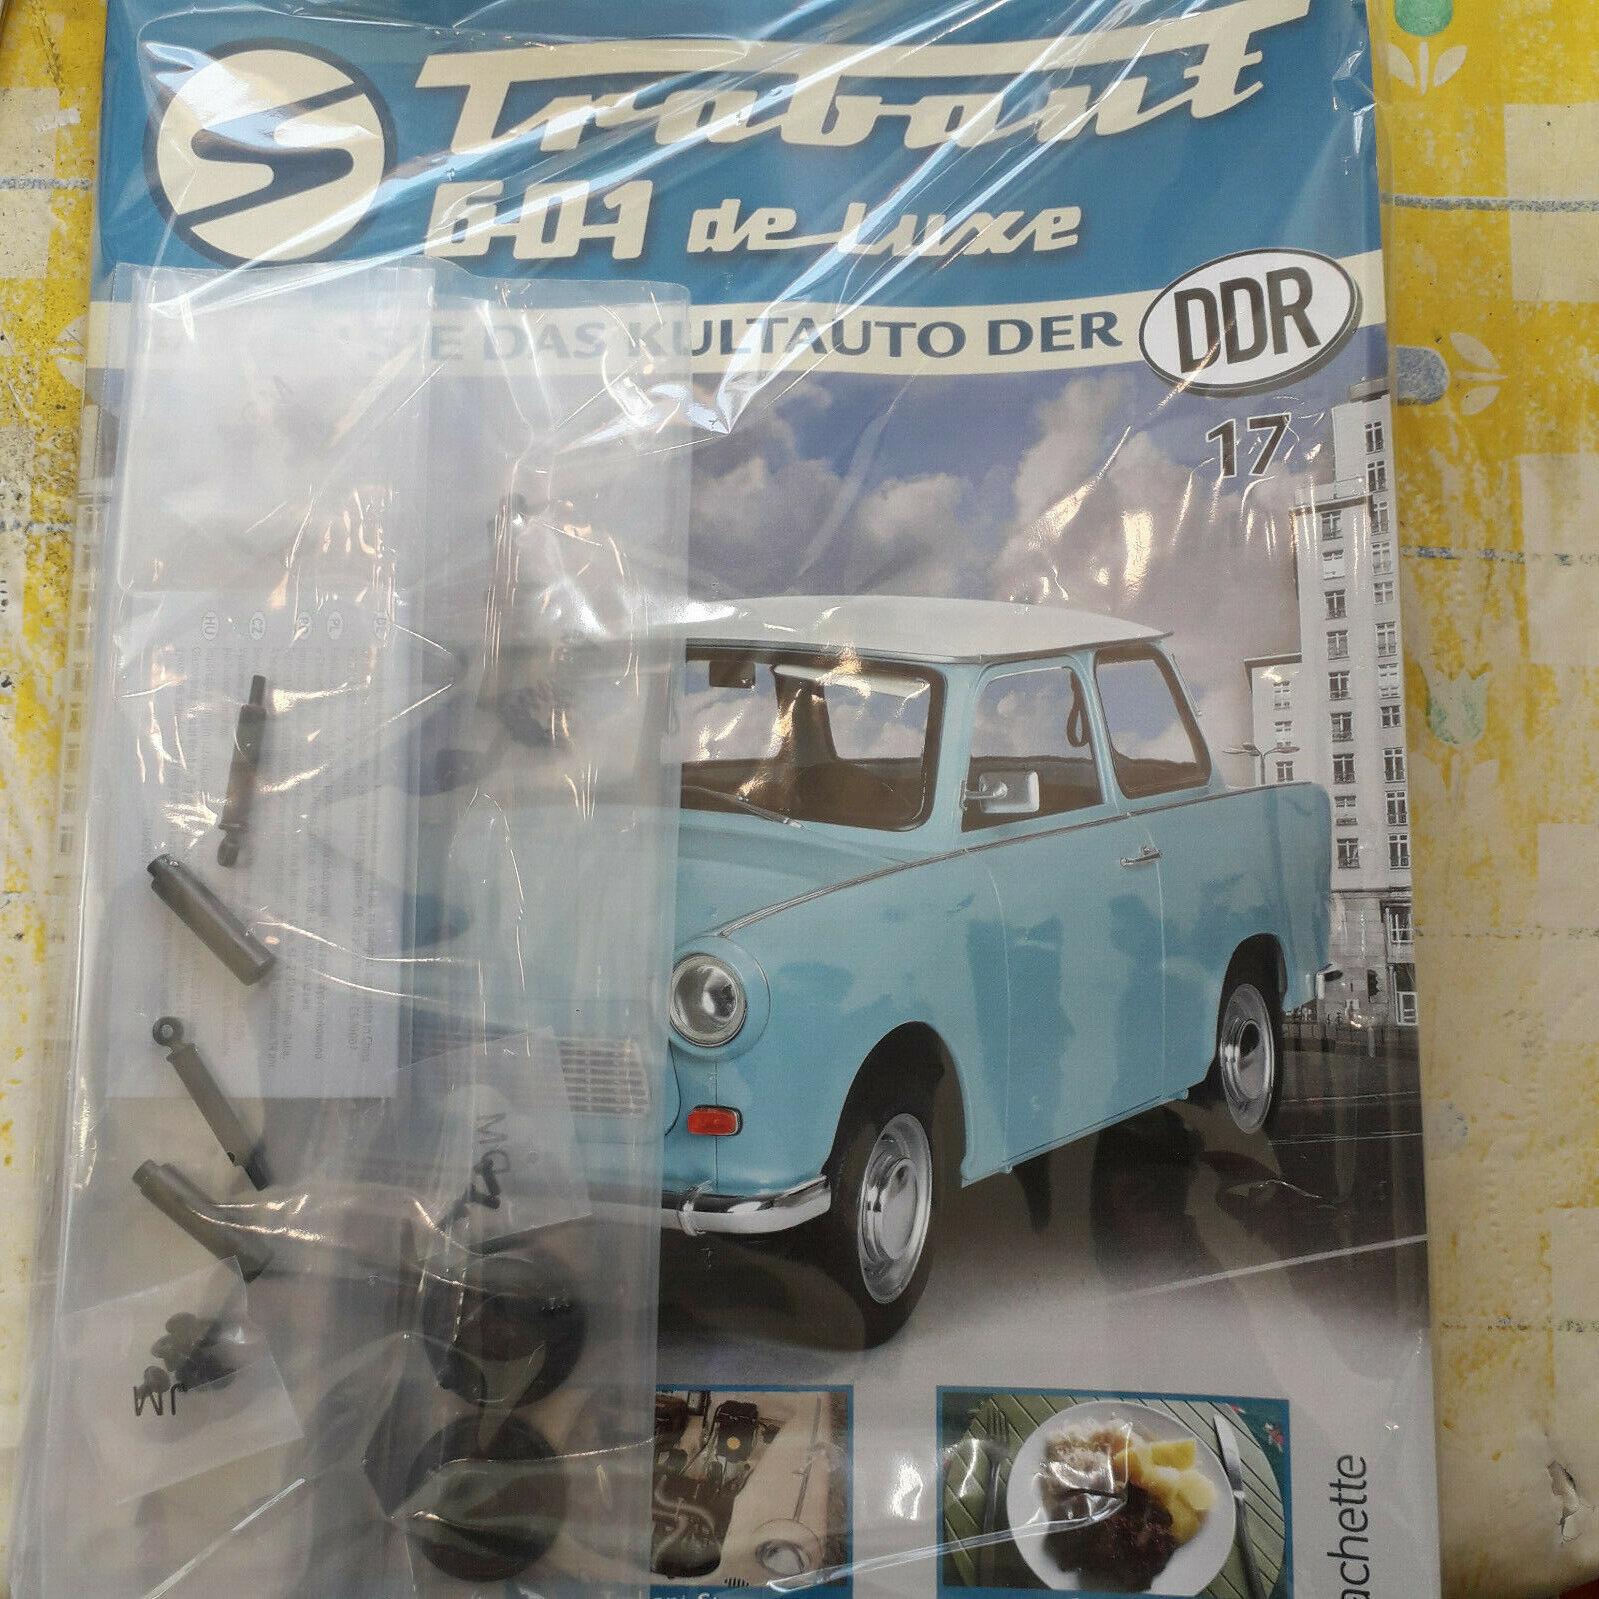 Modellbausammlung Nr Trabant 601 de luxe 17